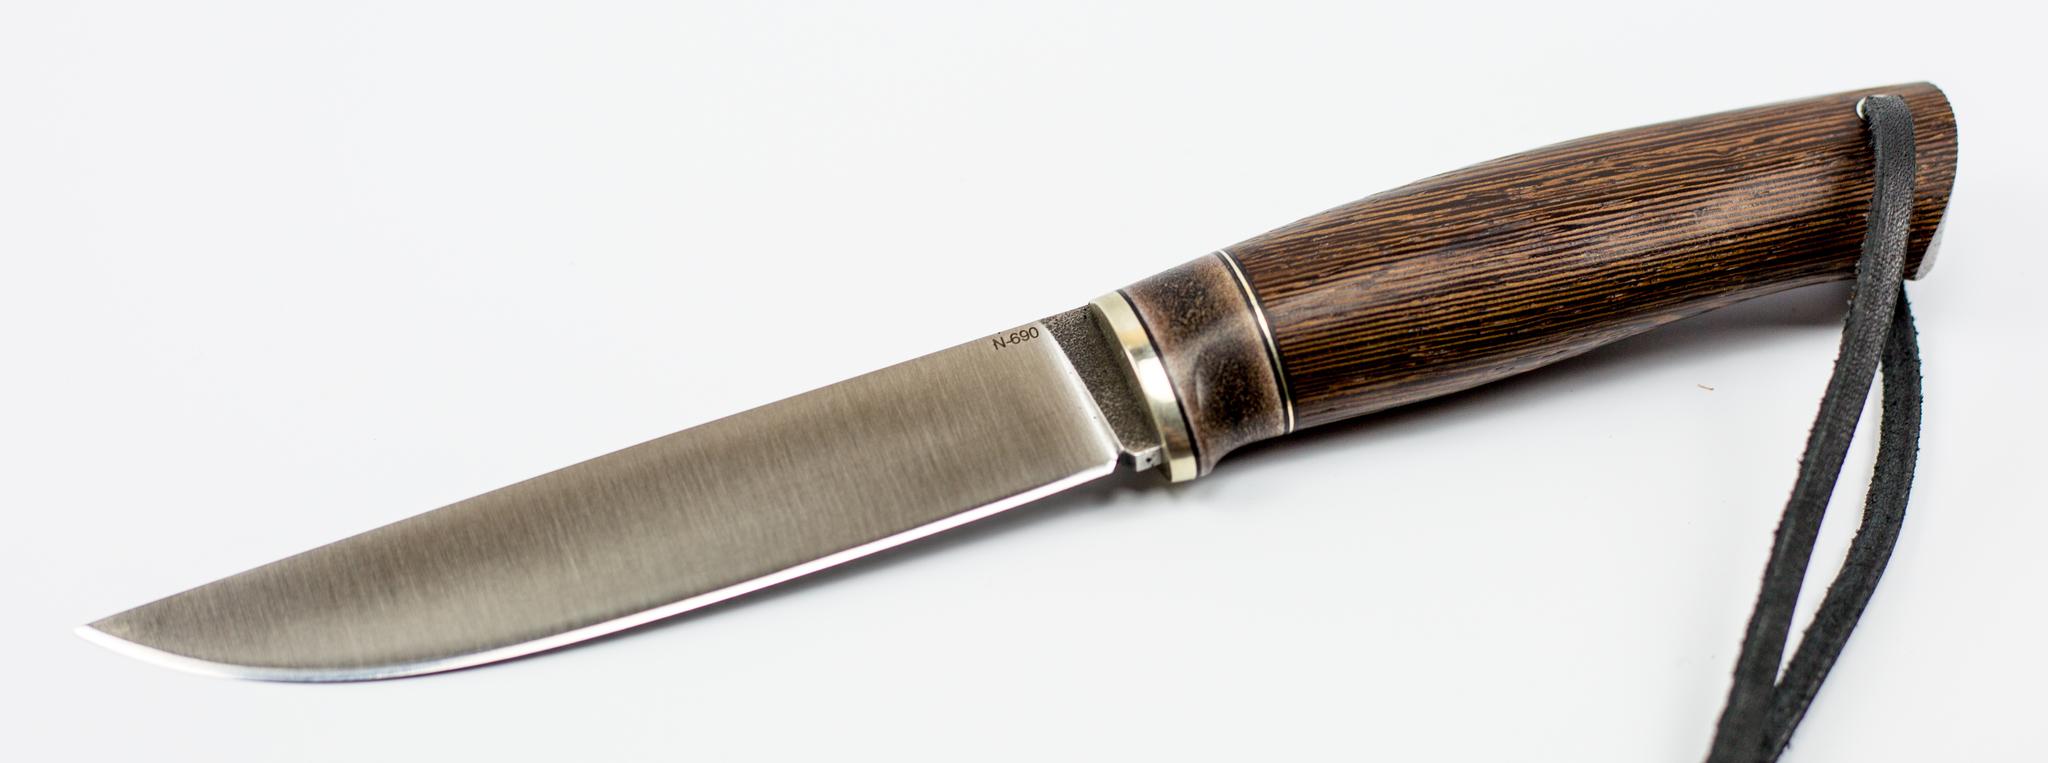 Нож Лиман, сталь N-690, венге, рог лосяНожи Староминск<br>Нож Лиман, сталь N-690, венге, рог лося<br>